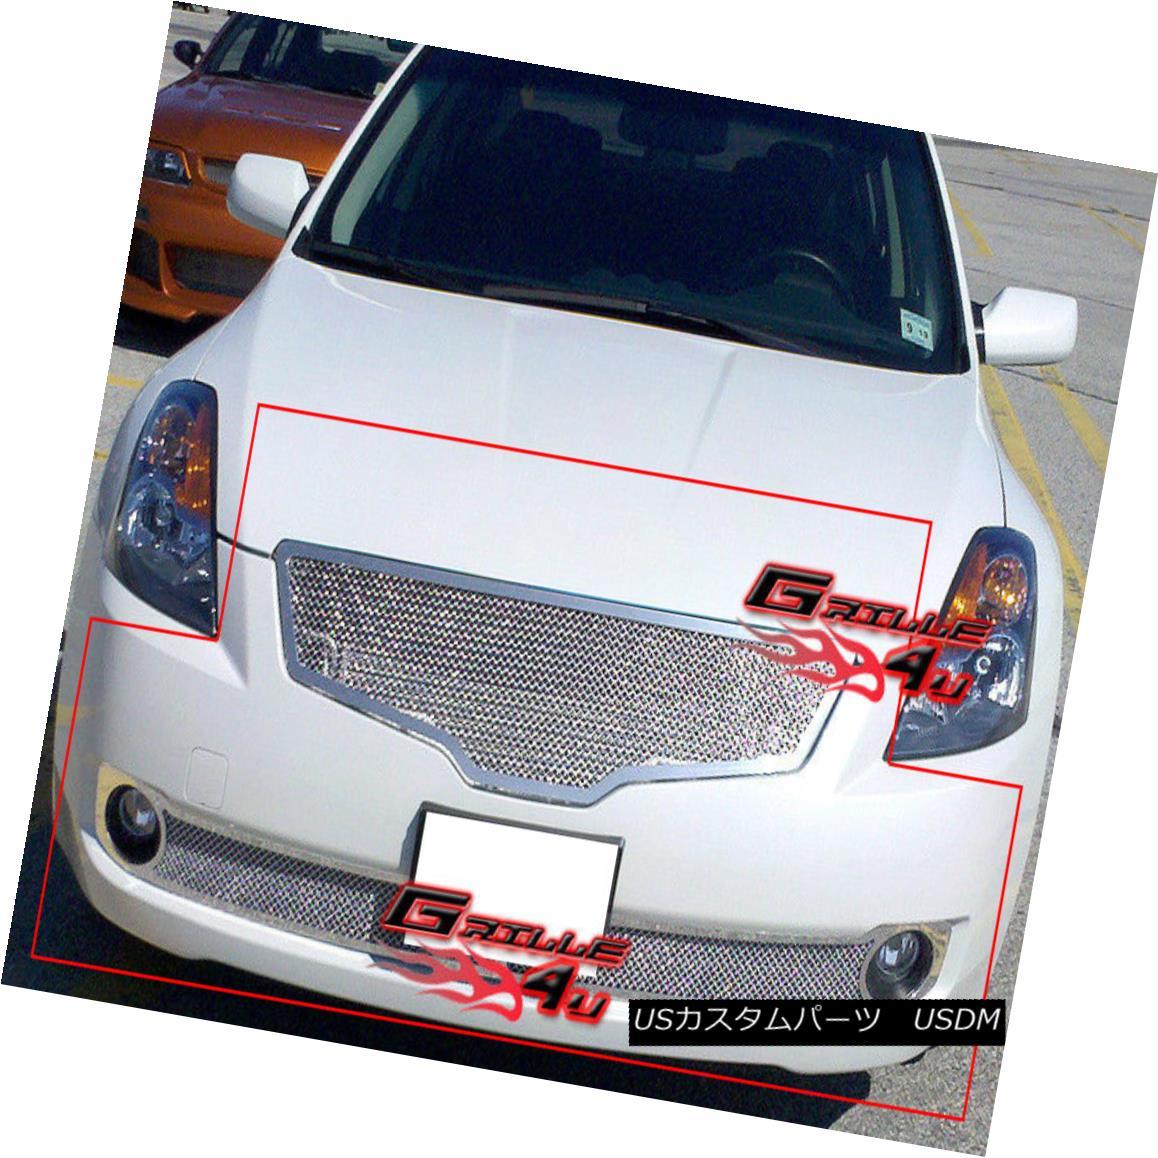 グリル For 07-09 Nissan Altima Sedan Stainless Mesh Grille Combo 07-09日産アルティマセダンステンレスメッシュグリルコンボ用